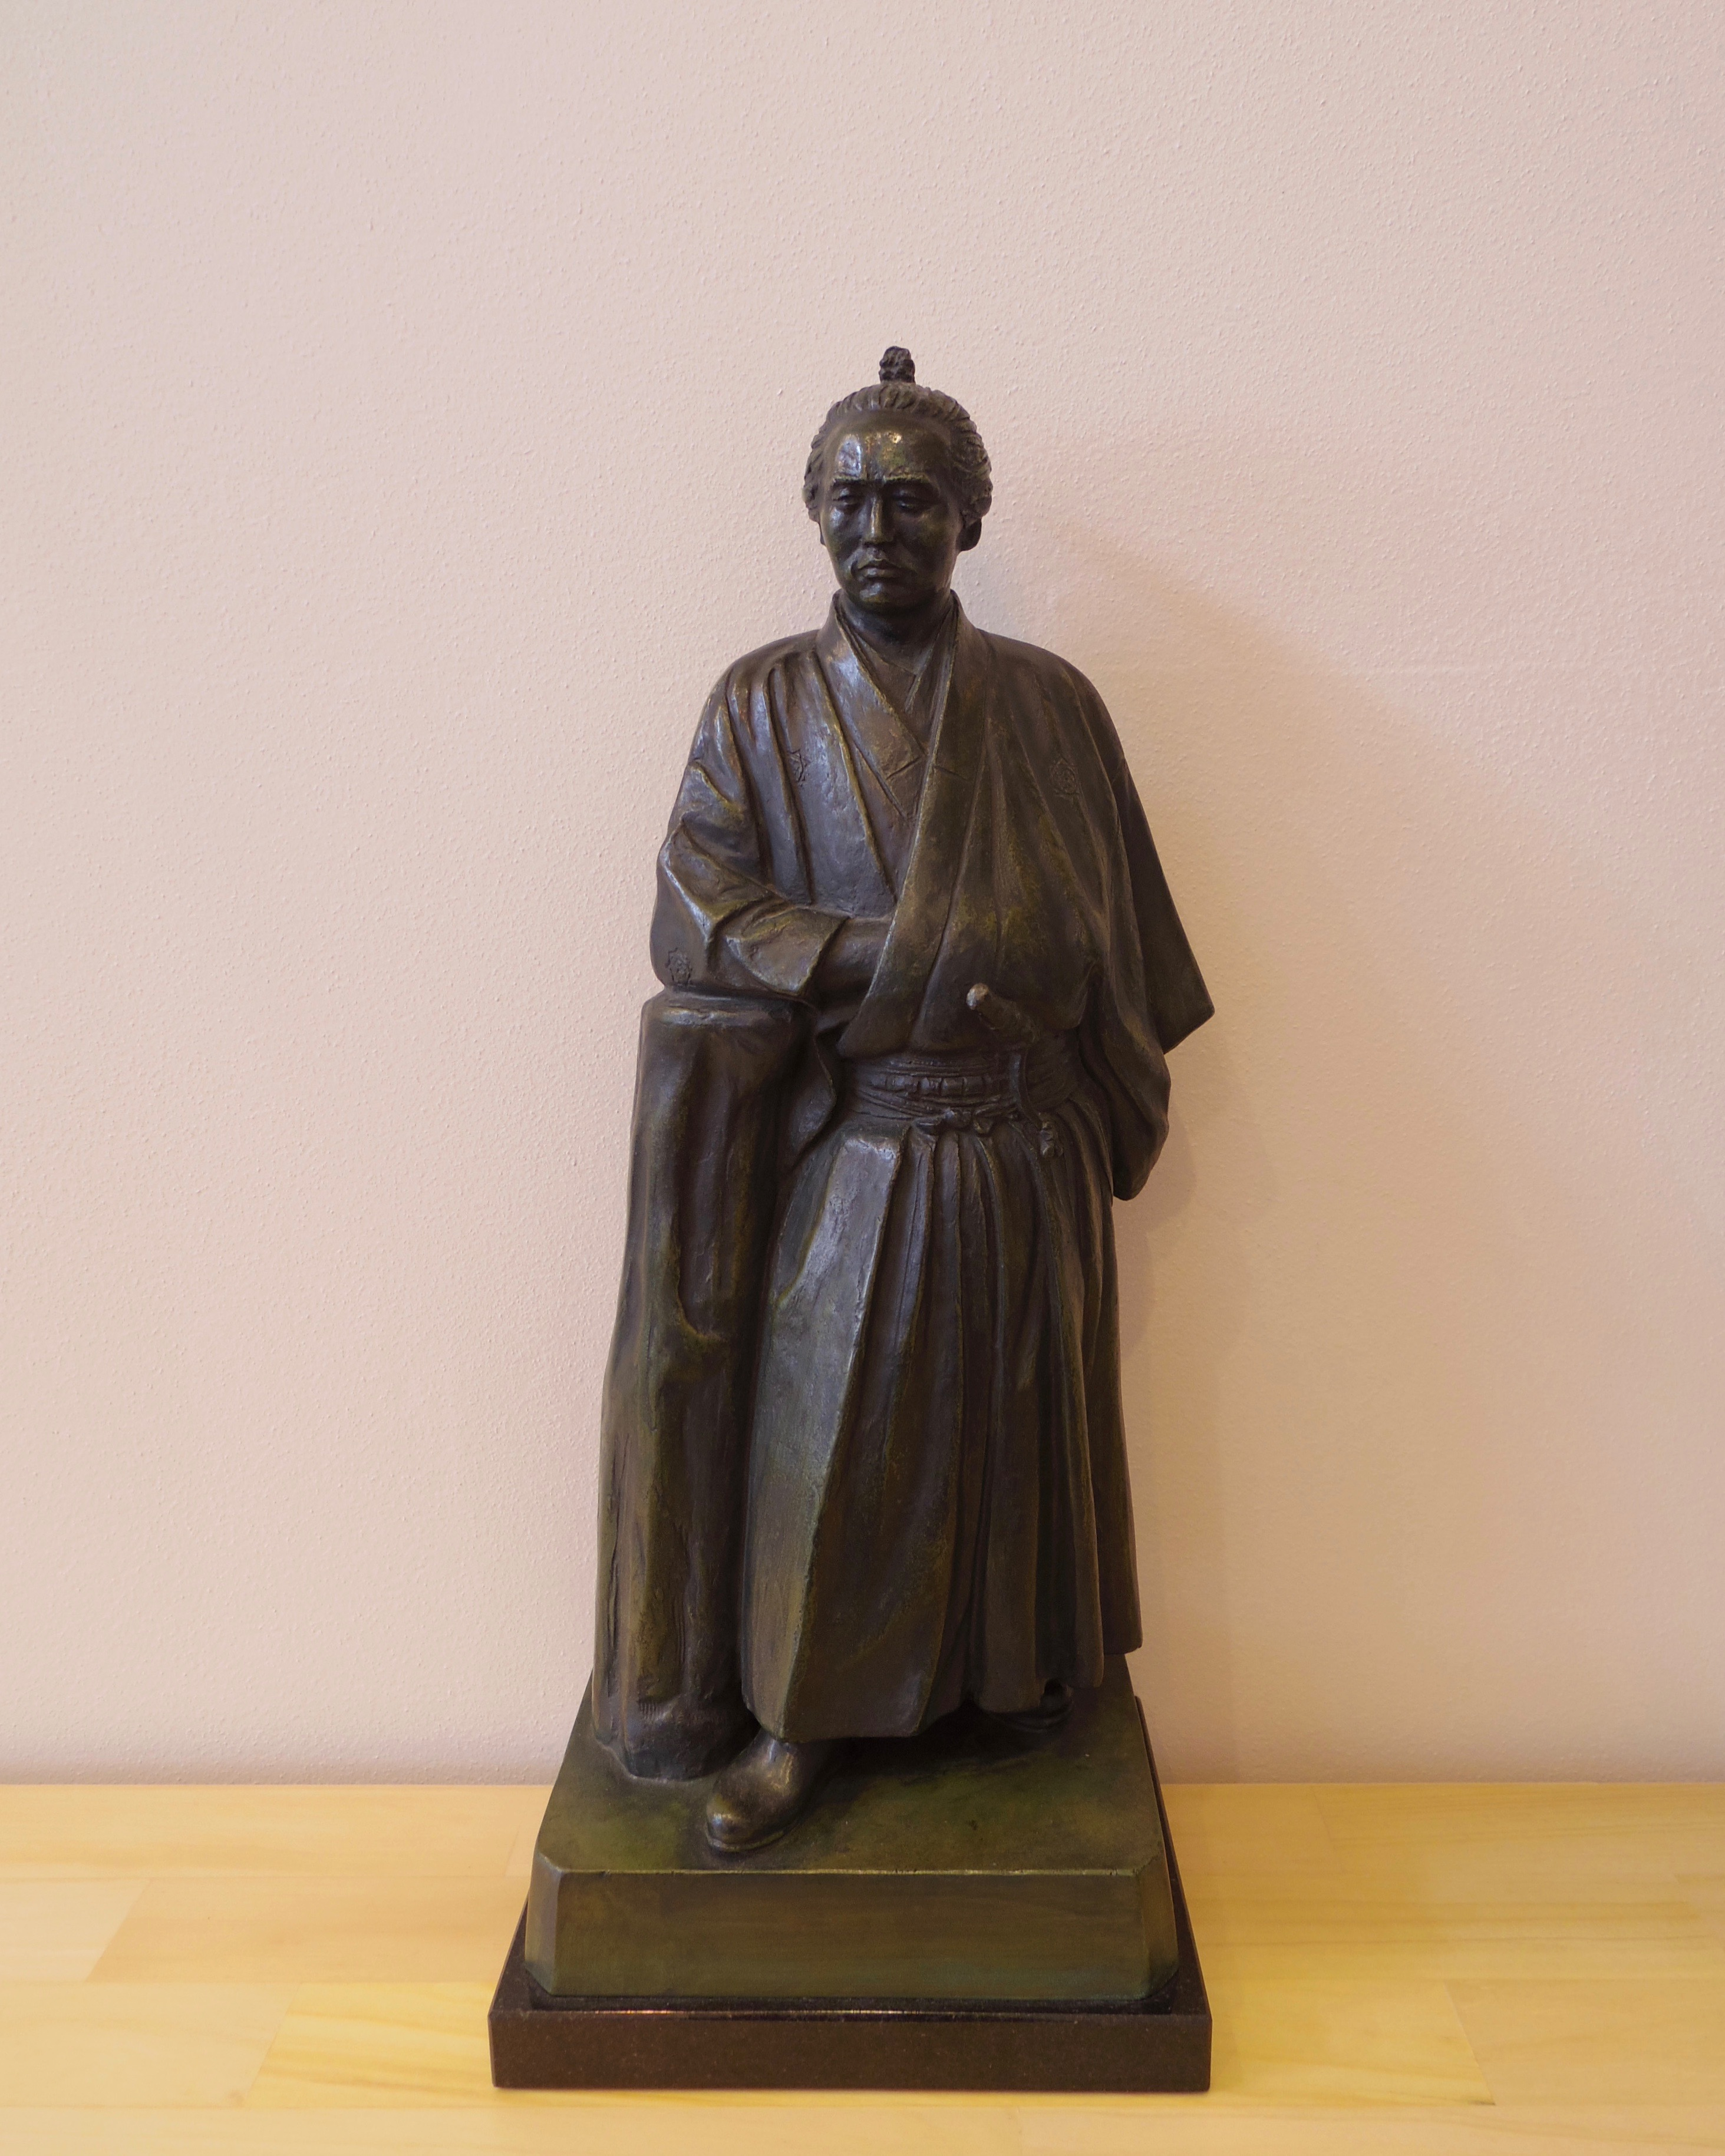 坂本龍馬像高さ37cm